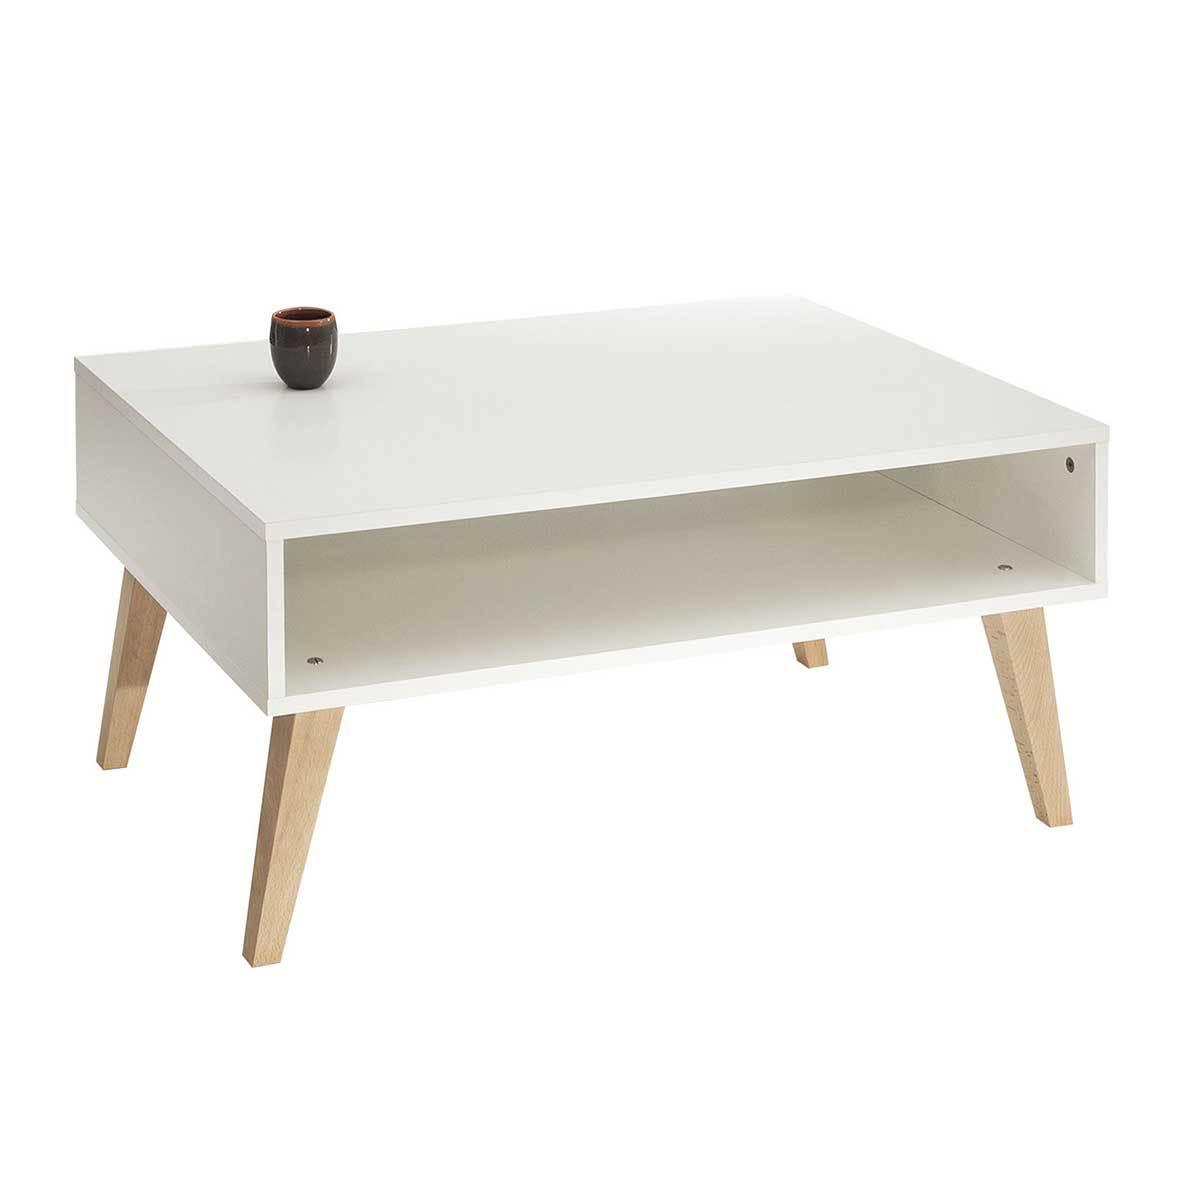 Table basse avec pied en bois